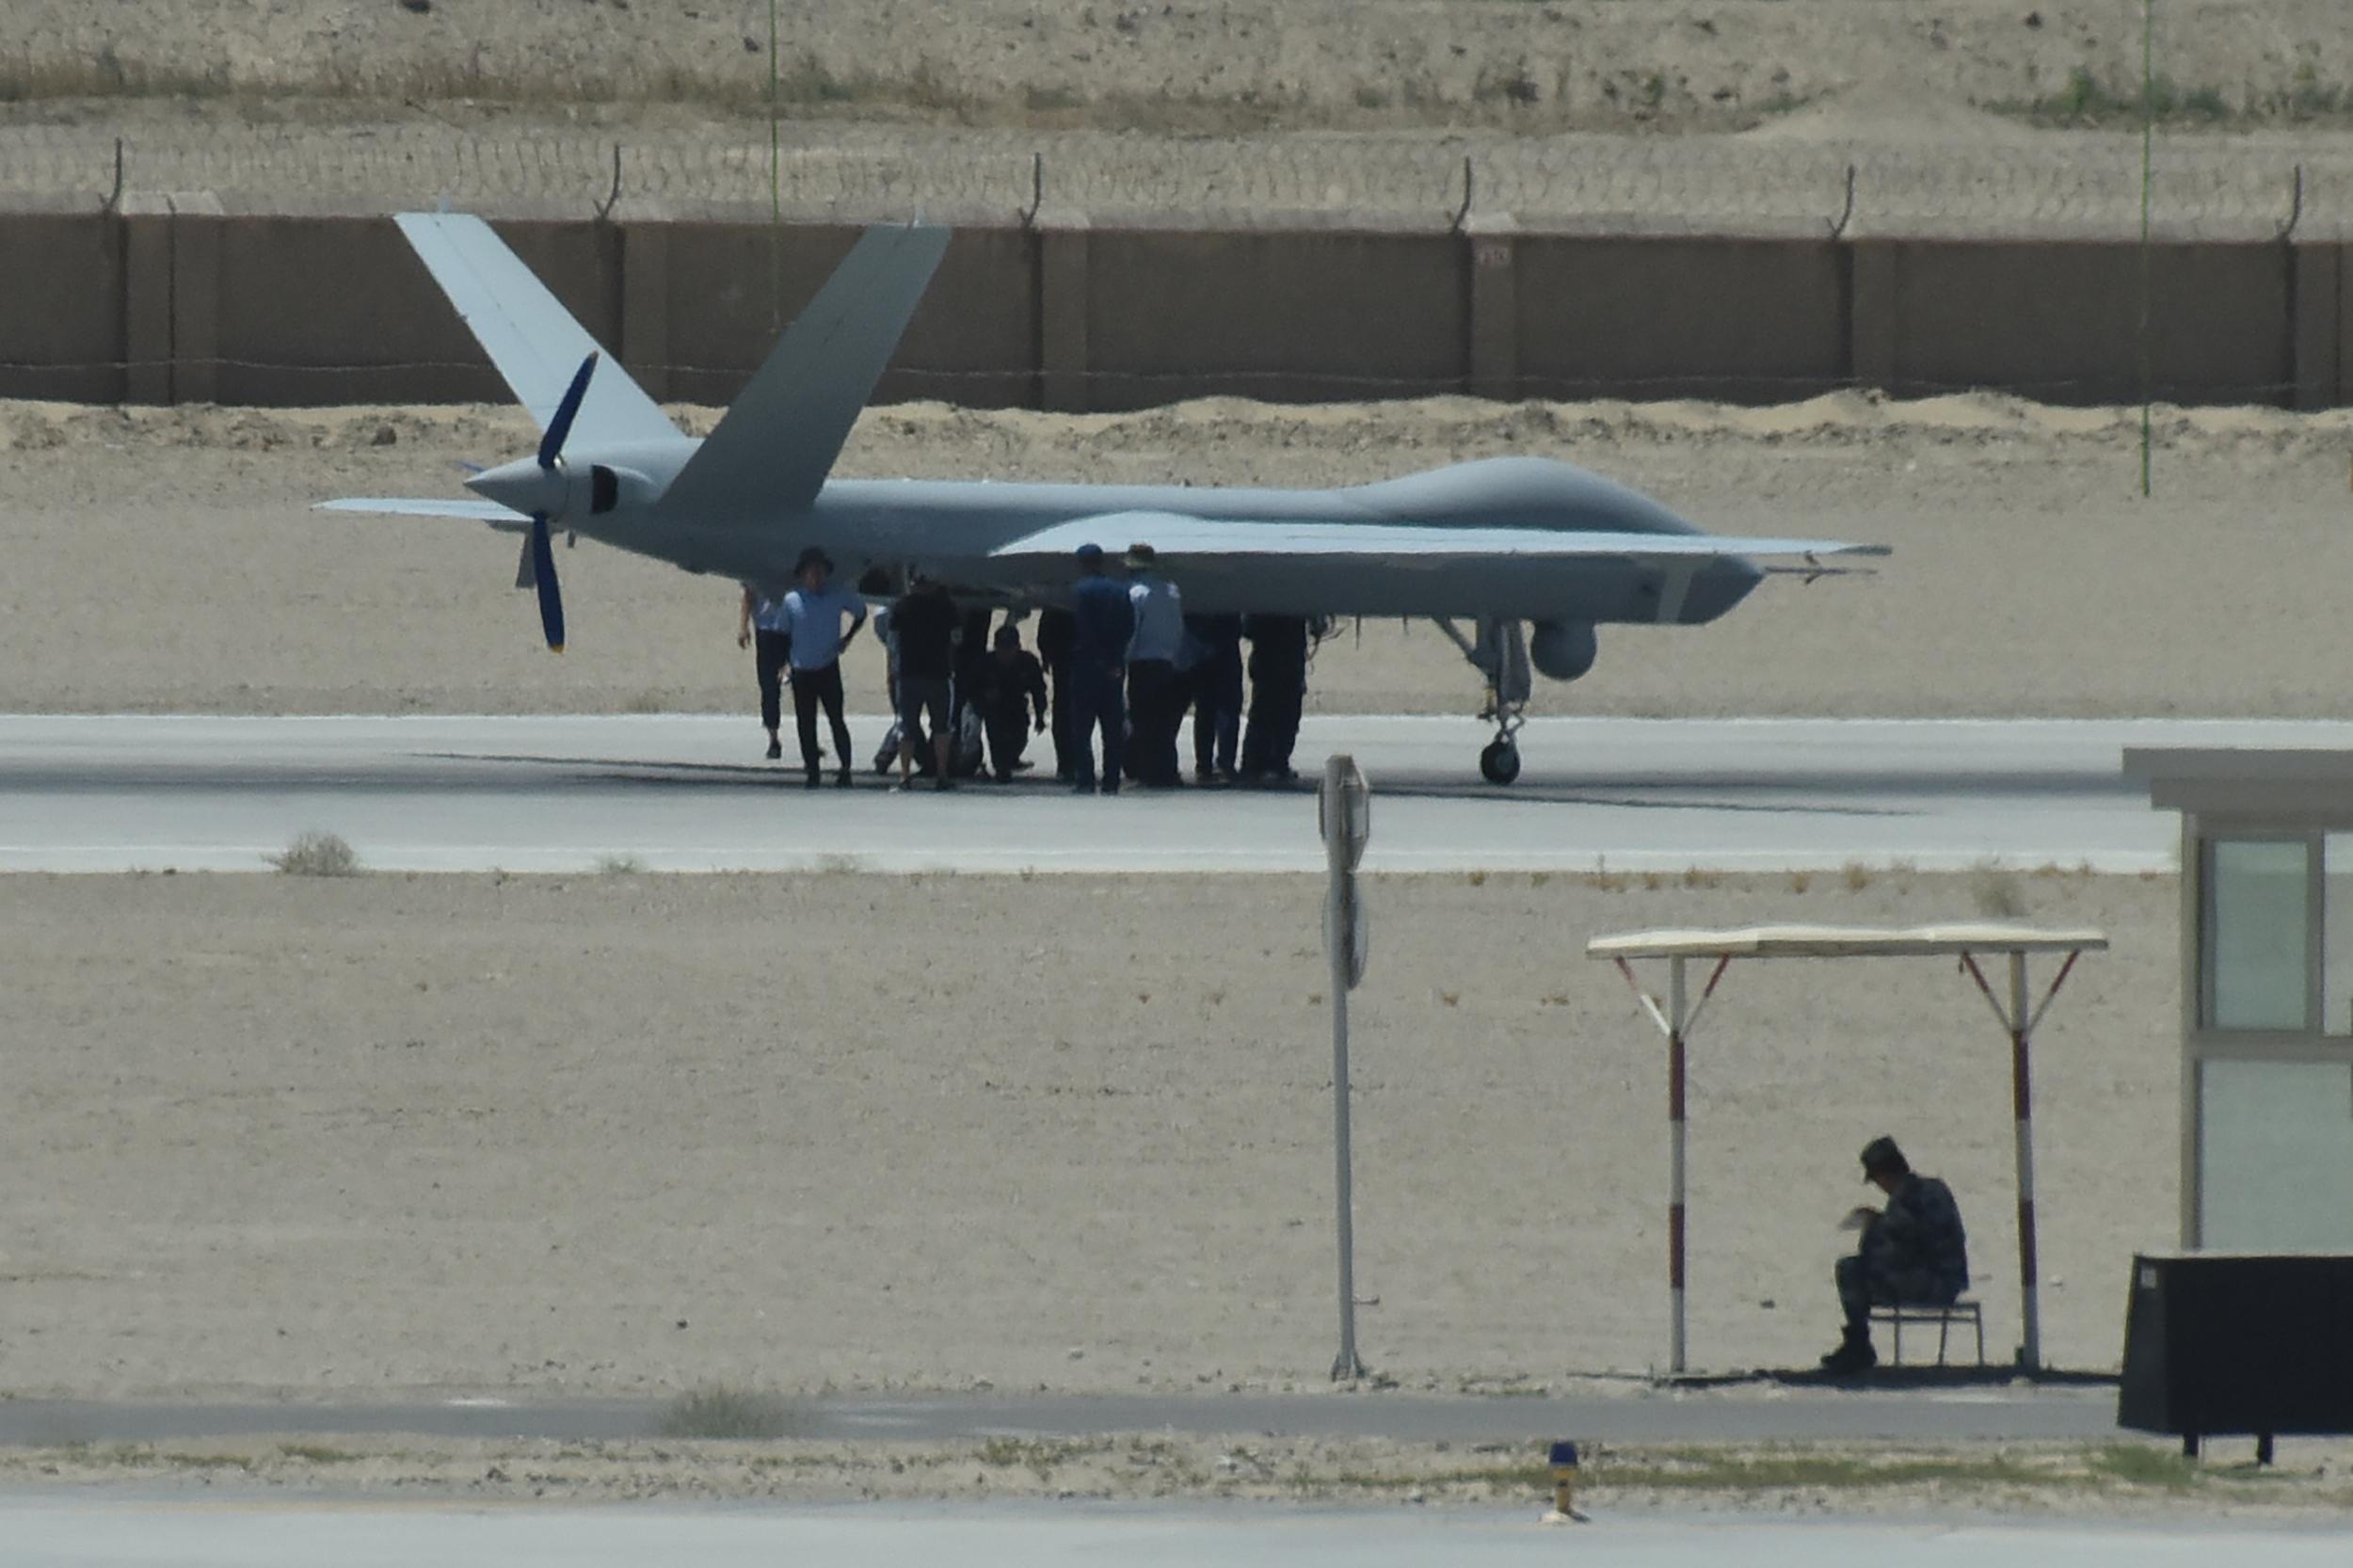 中製無人機在阿爾及利亞墜毀 已經第三次